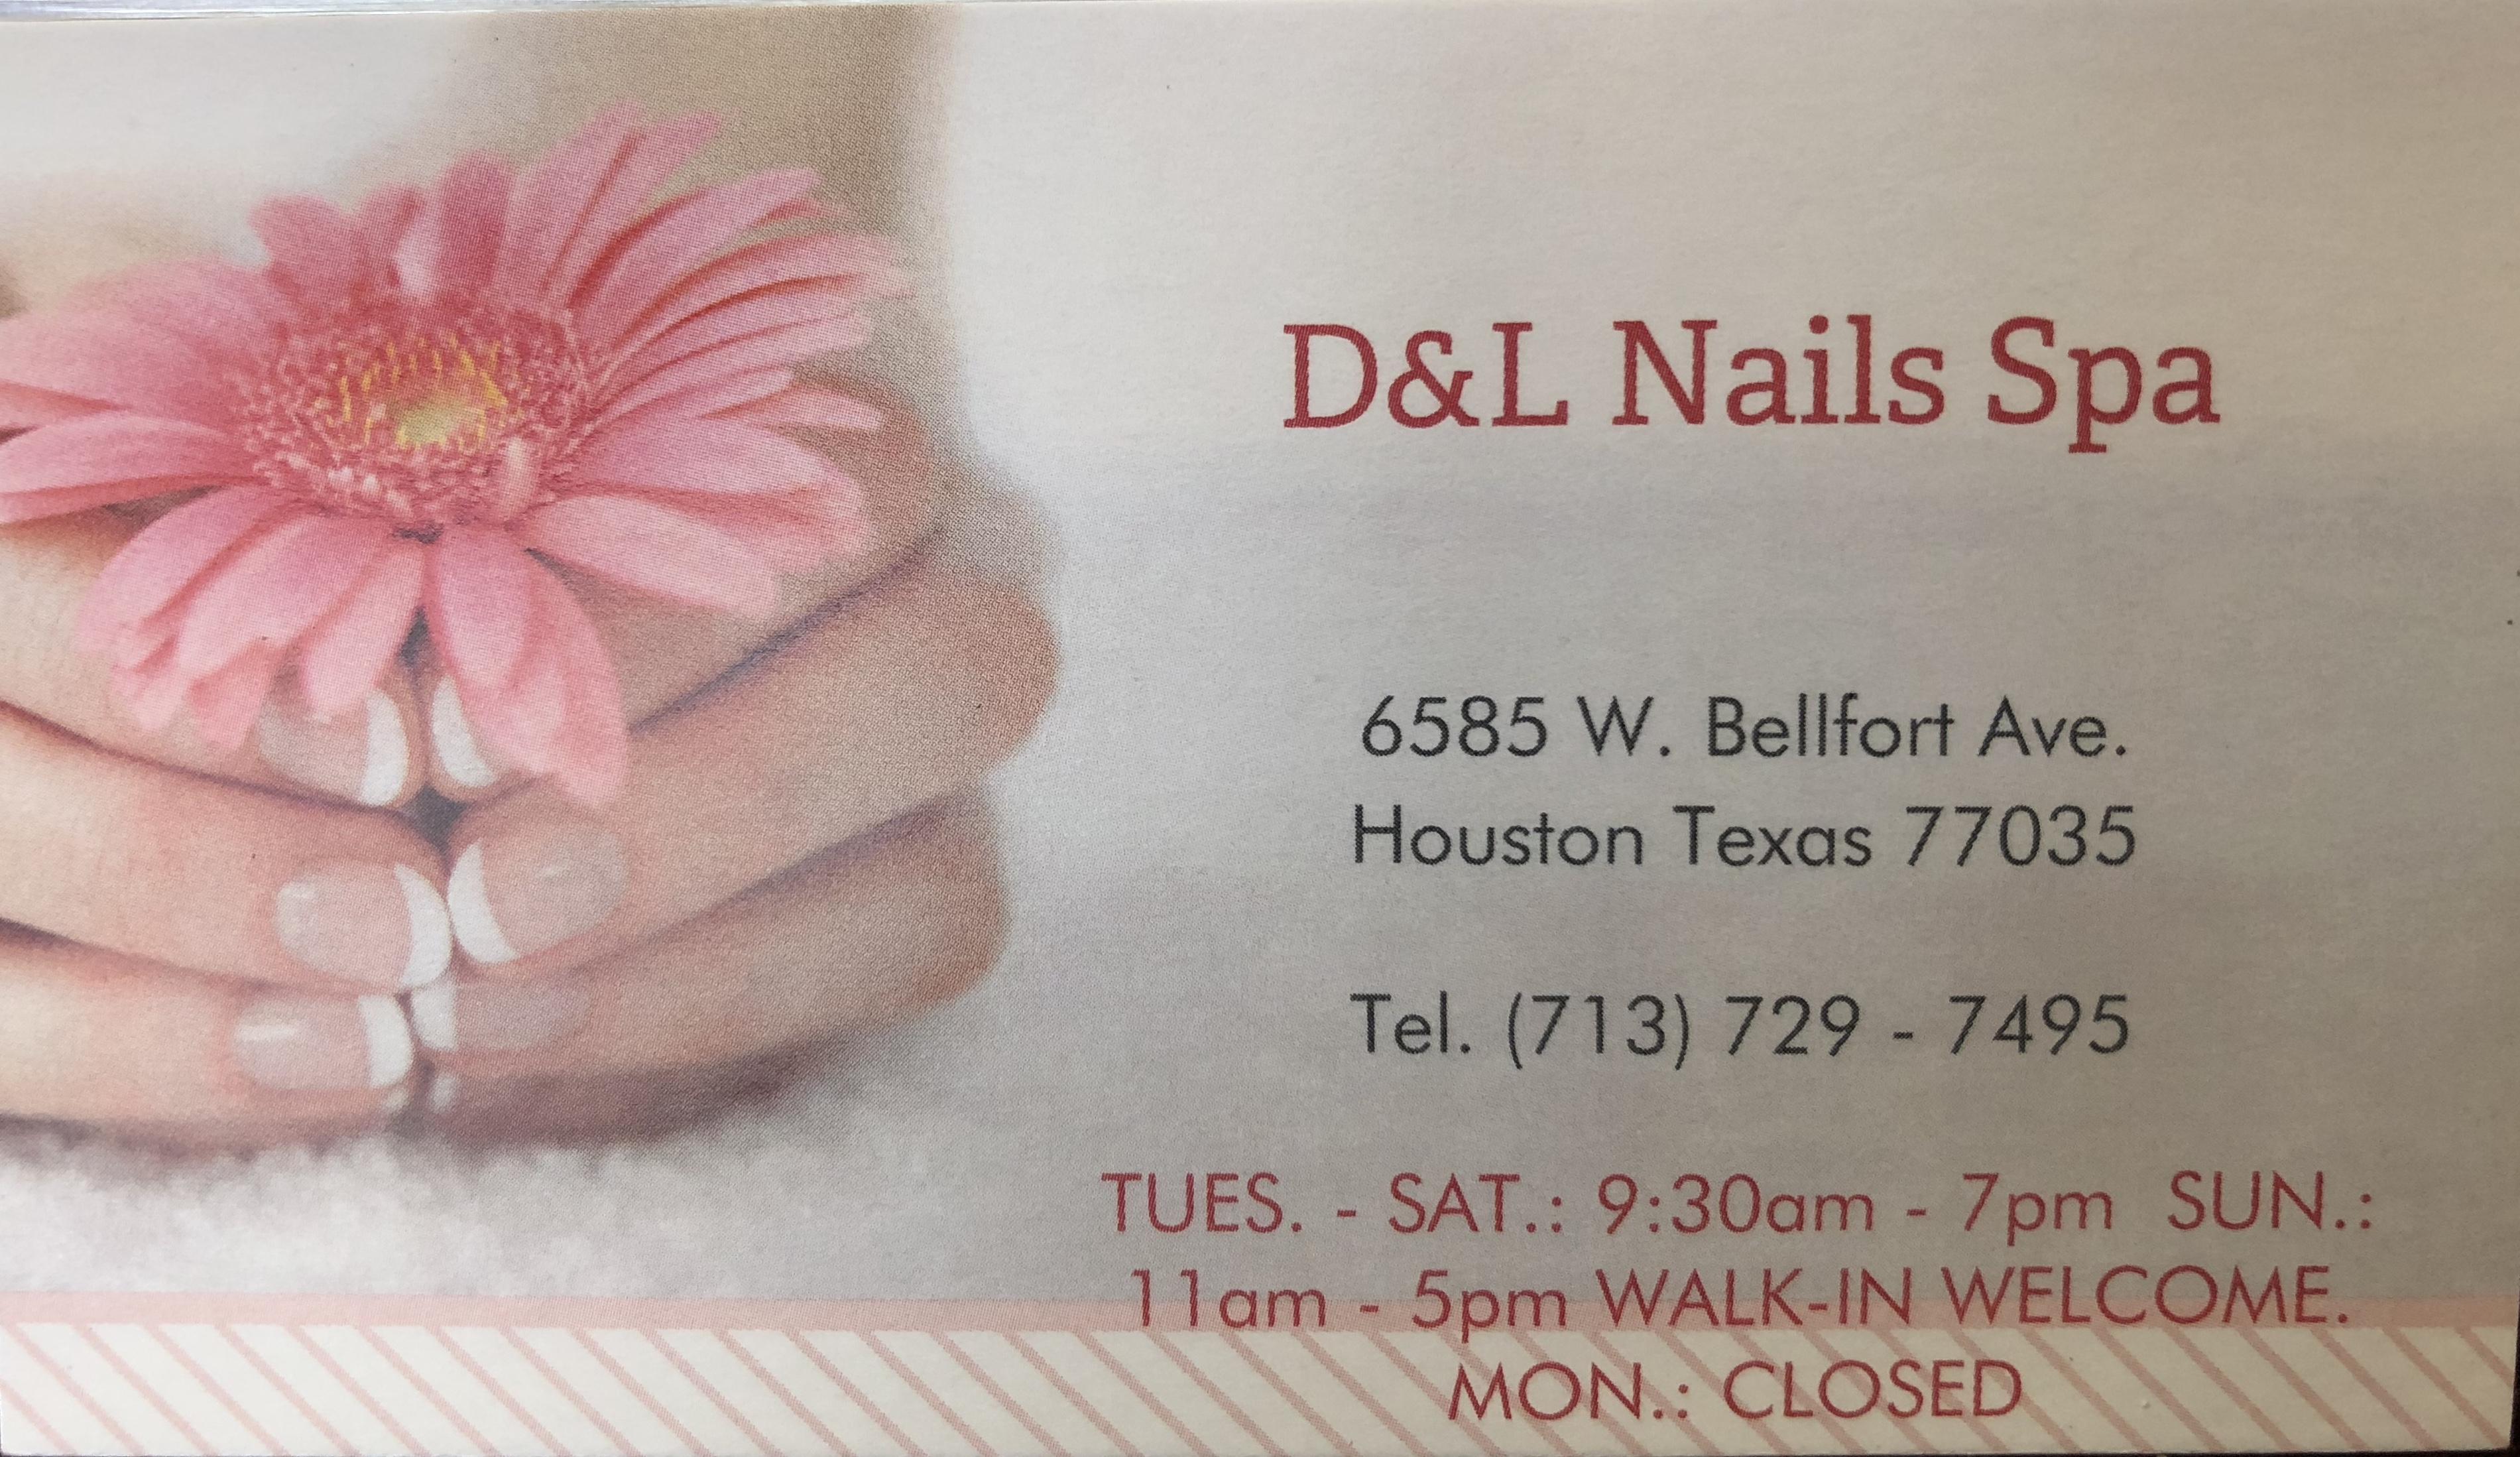 D&L Nails Spa